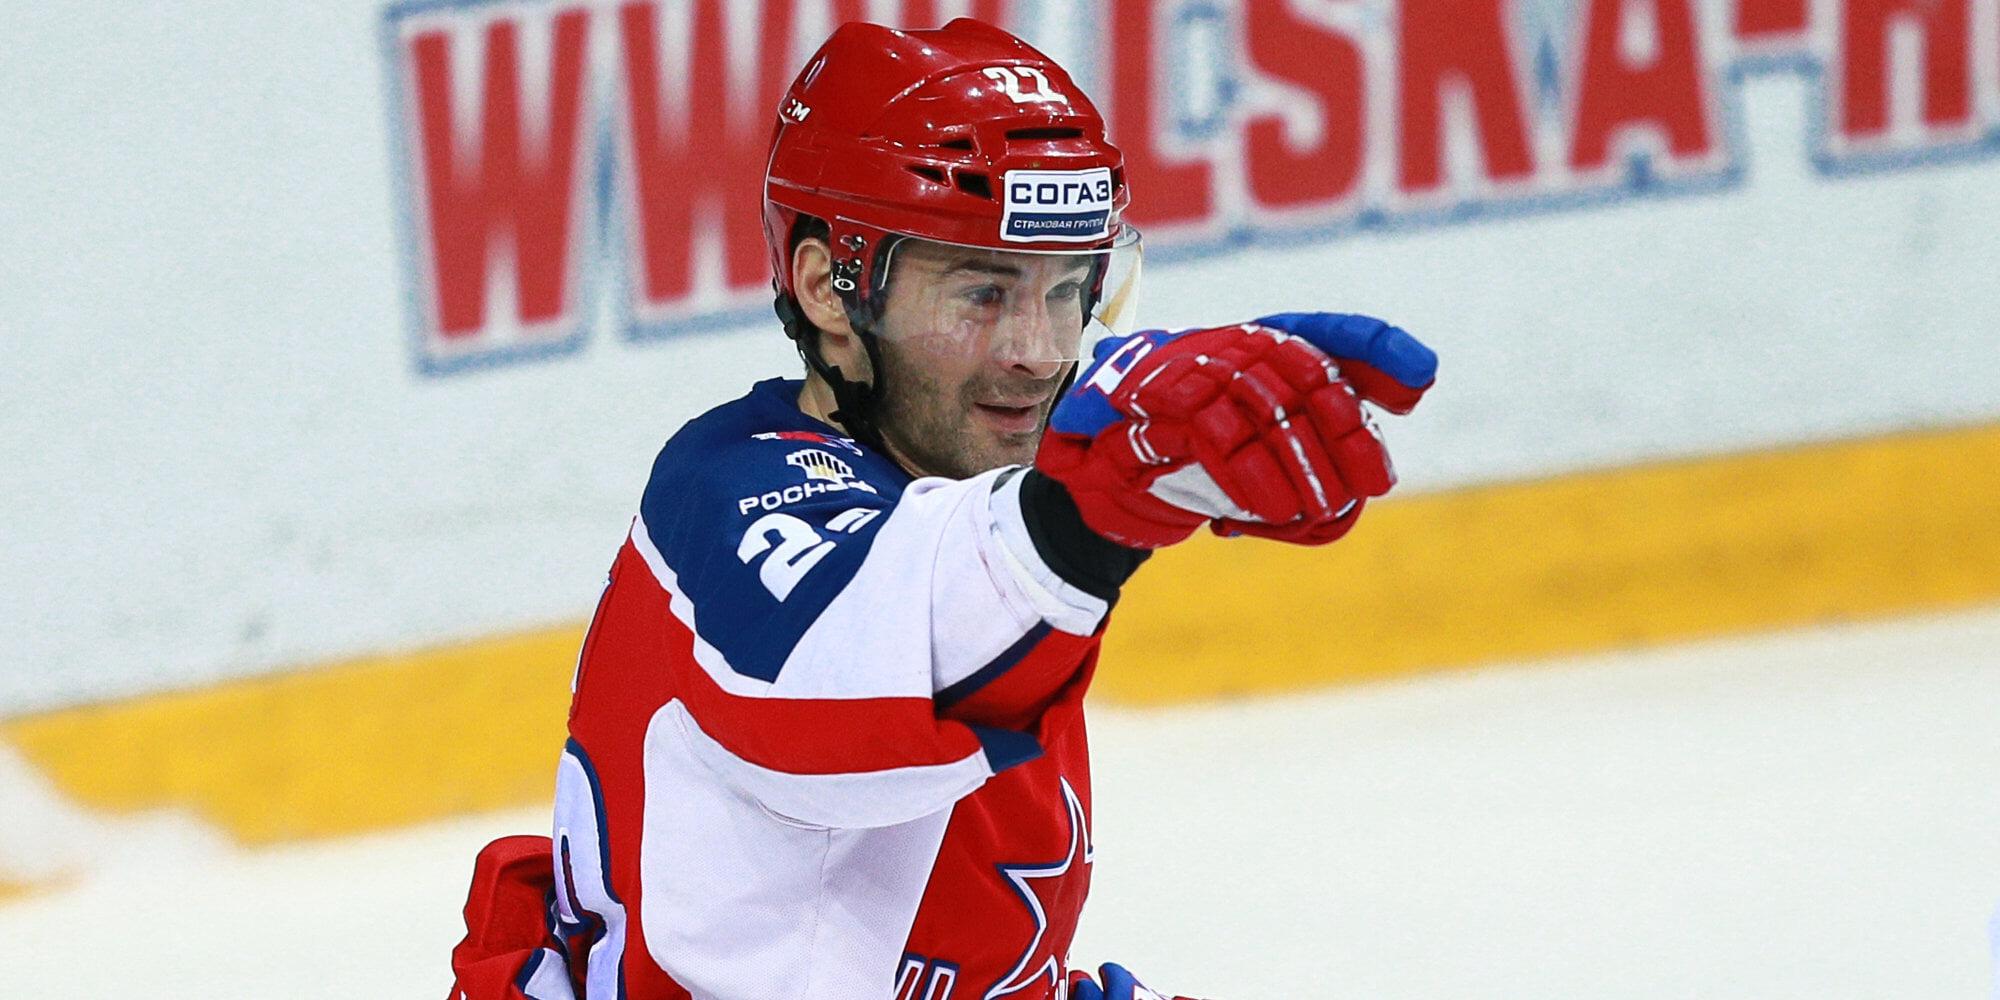 ЦСКА и Попов продлили контракт на год. В августе игроку исполнится 41